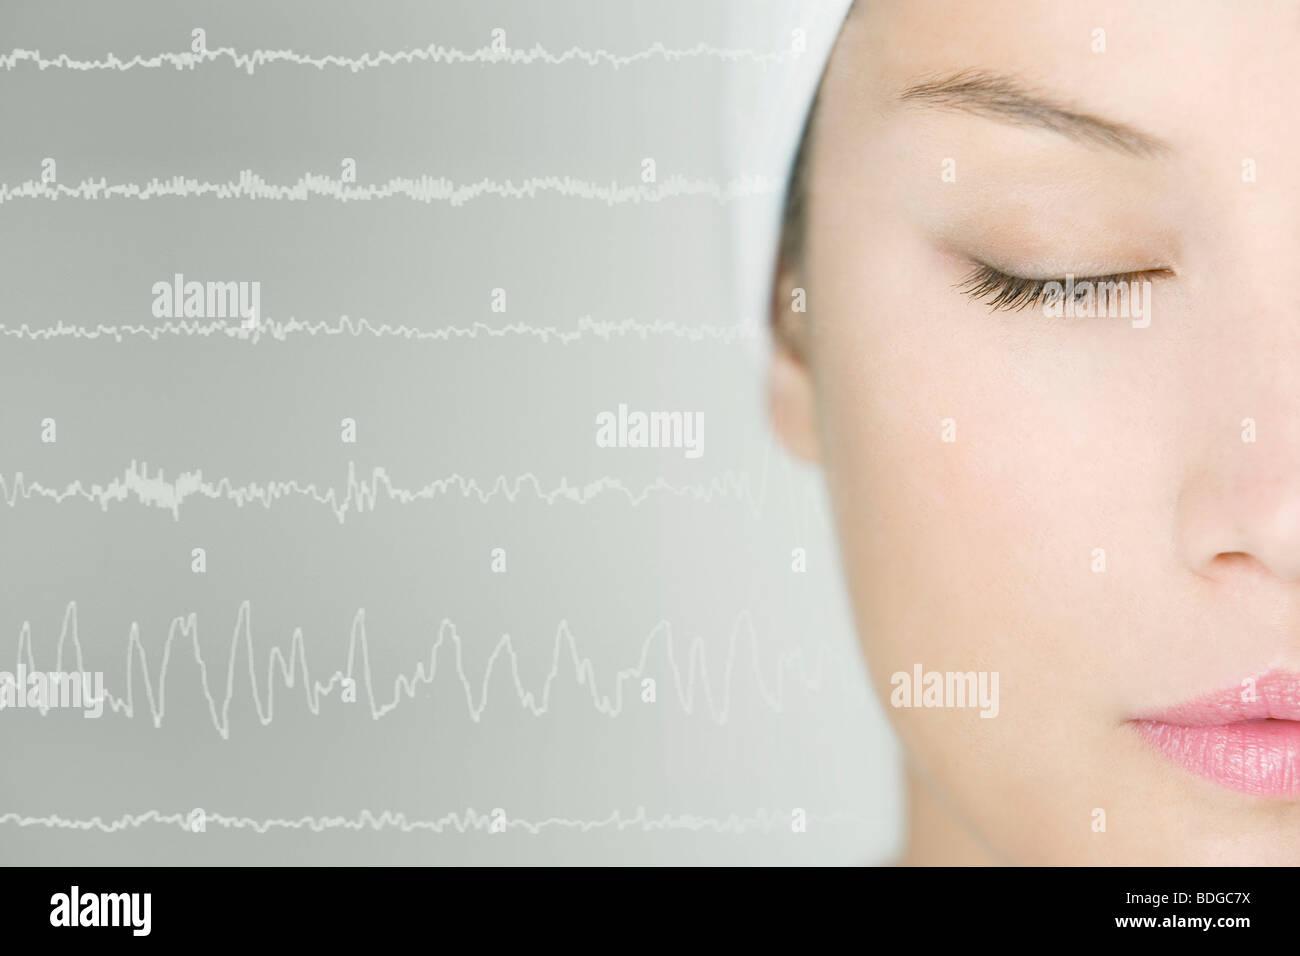 STUDY OF SLEEP - Stock Image